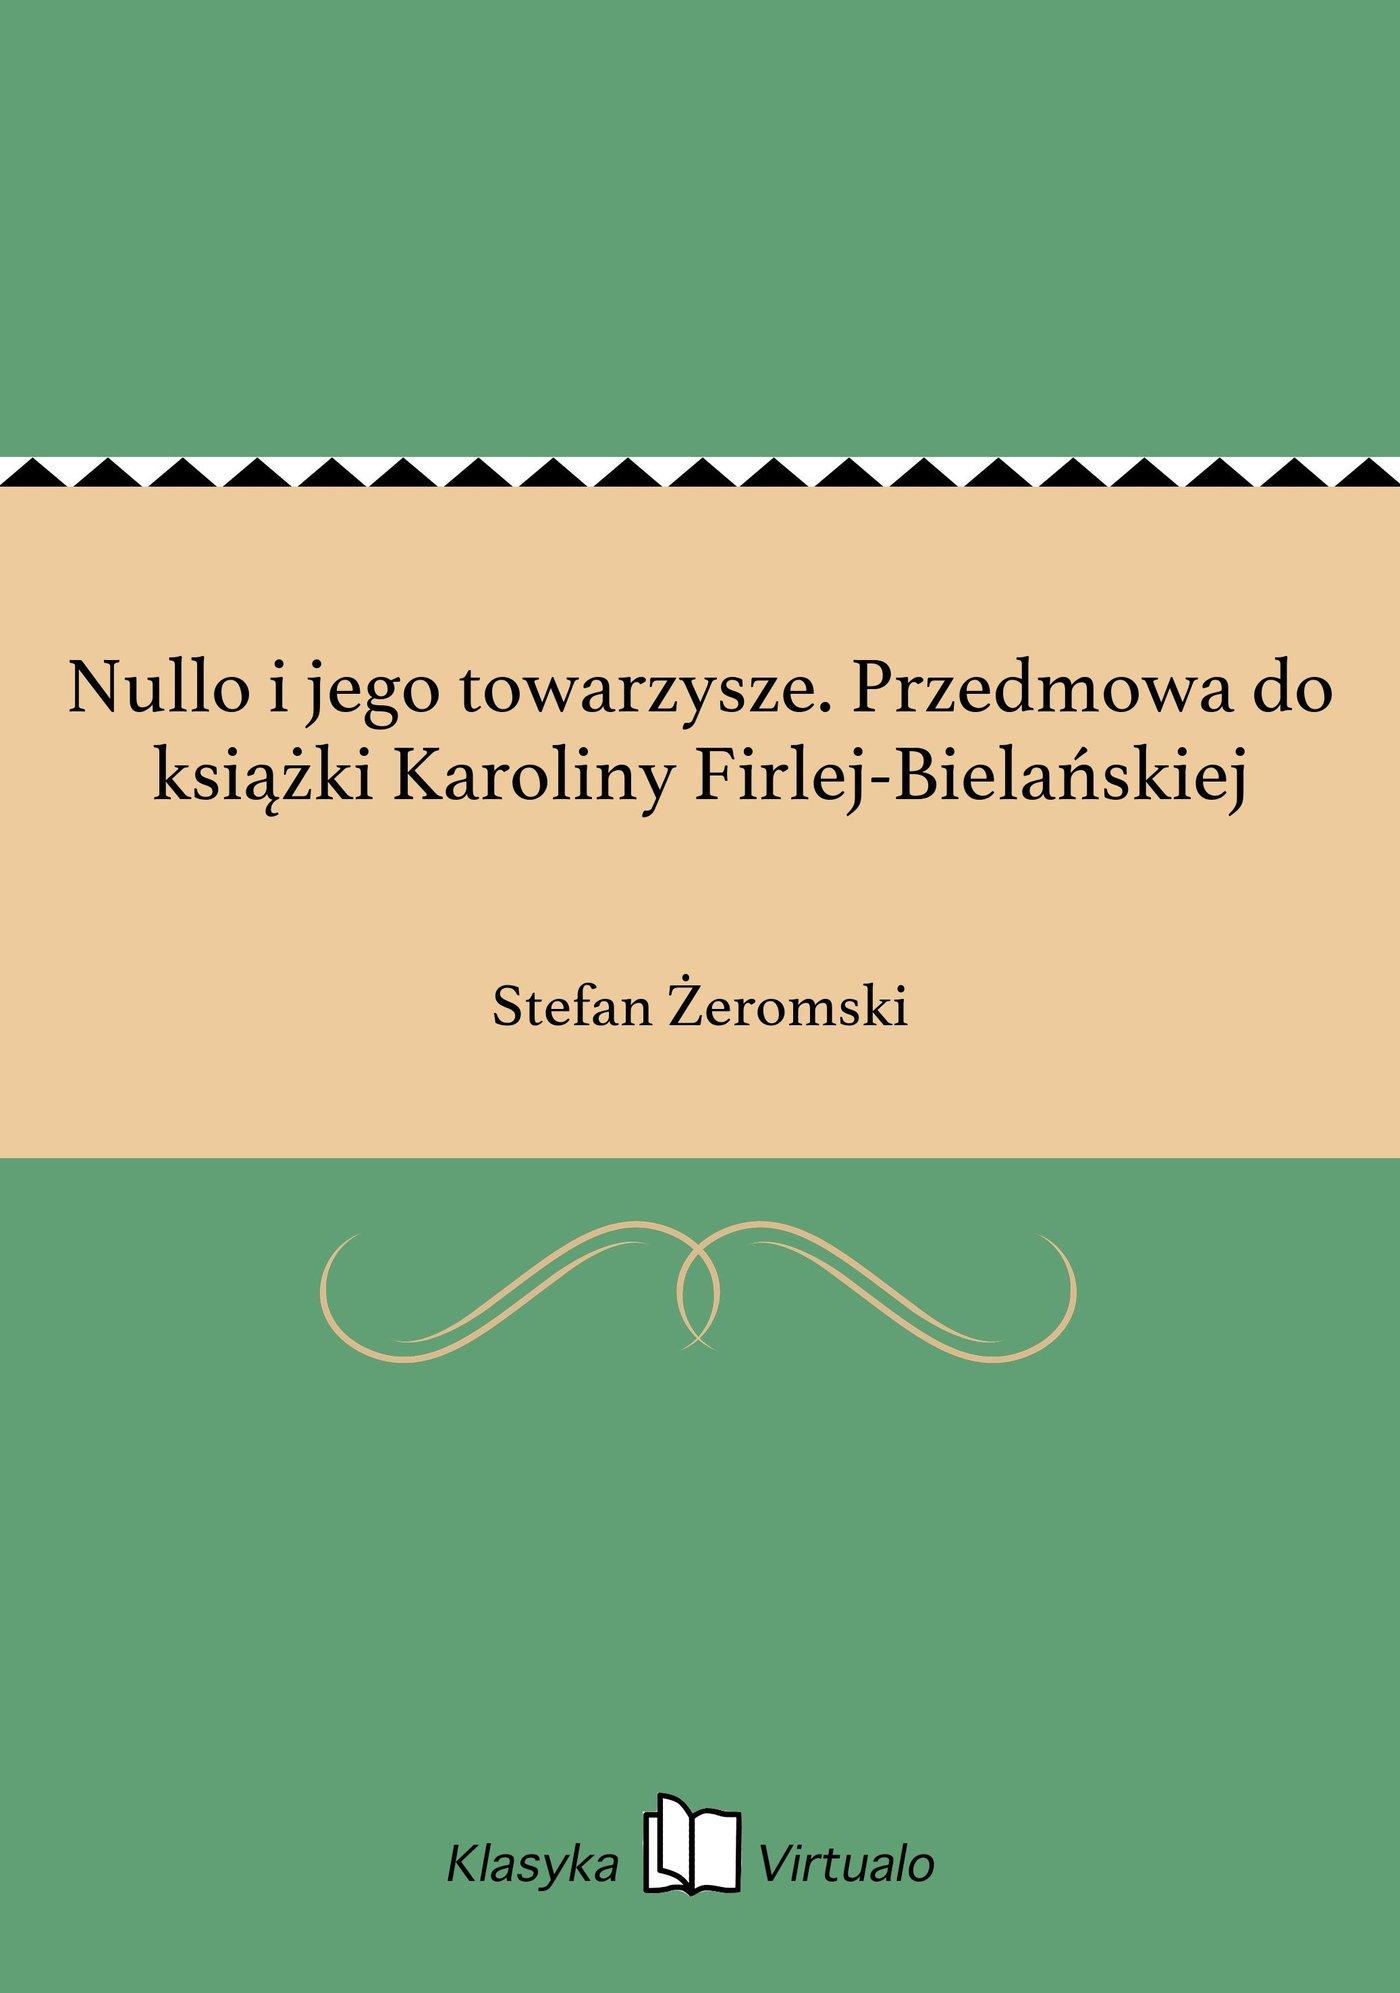 Nullo i jego towarzysze. Przedmowa do książki Karoliny Firlej-Bielańskiej - Ebook (Książka EPUB) do pobrania w formacie EPUB